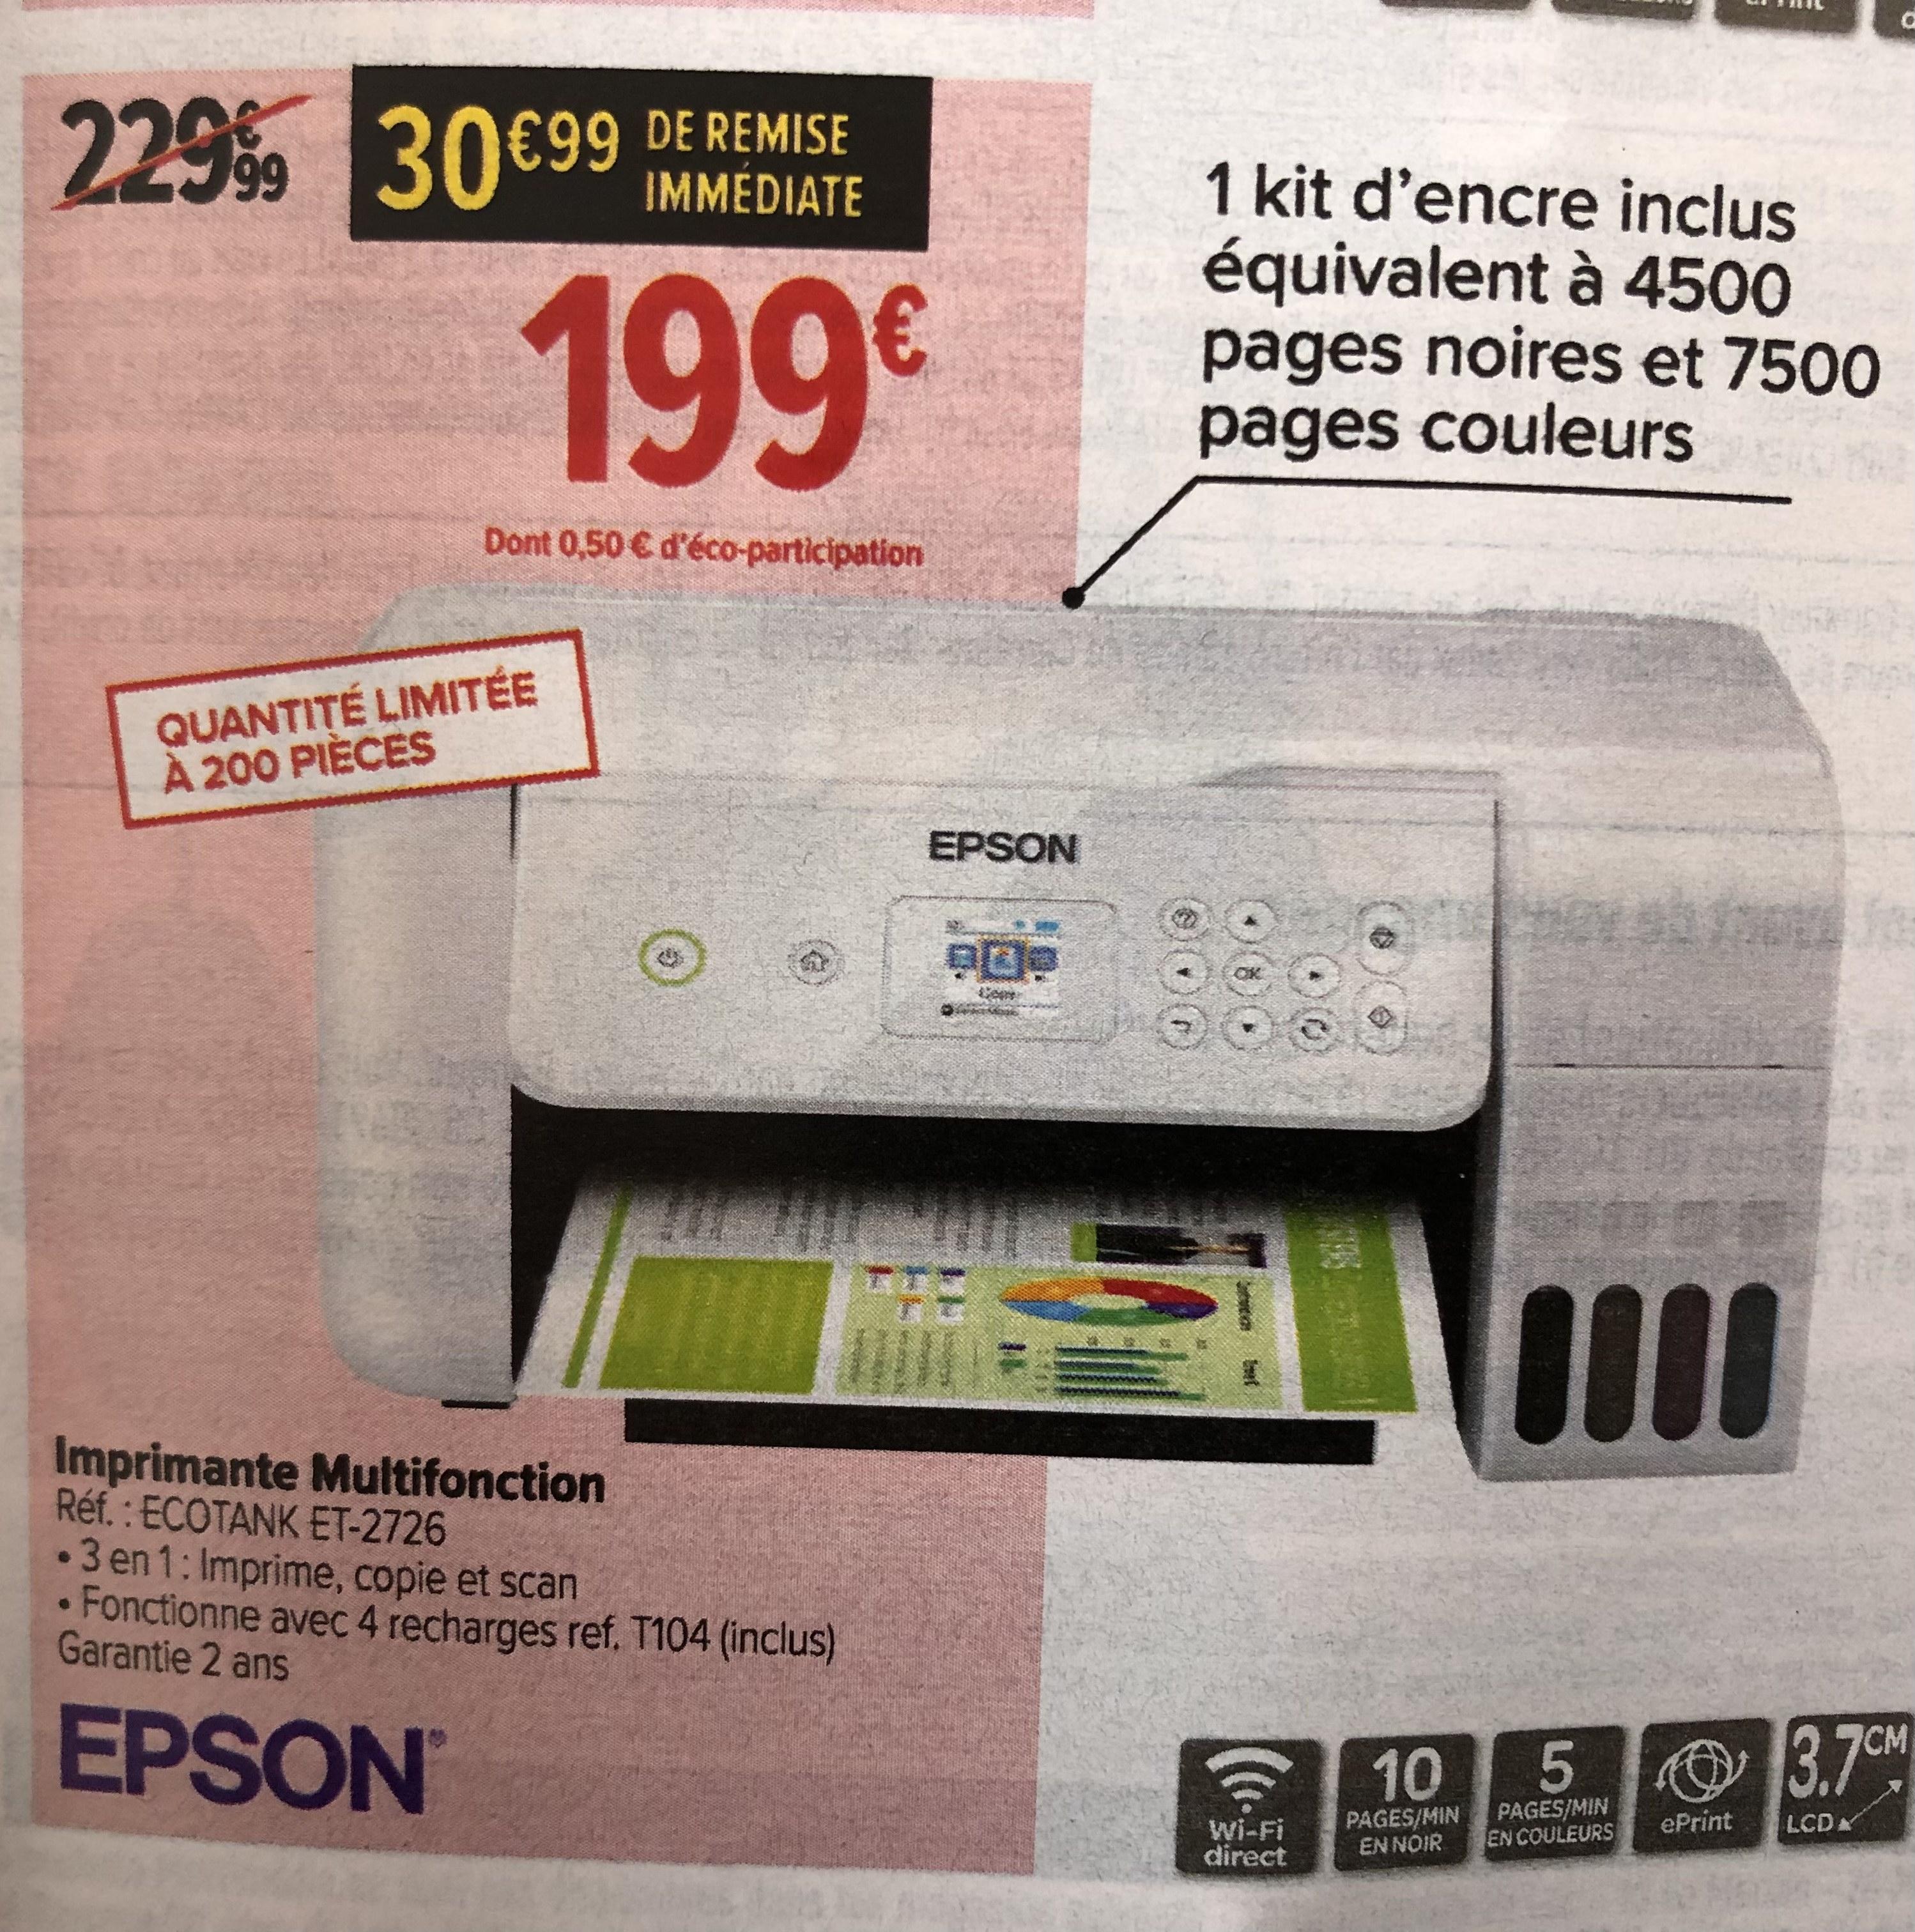 Imprimante multifonction Epson Ecotank ET-2726